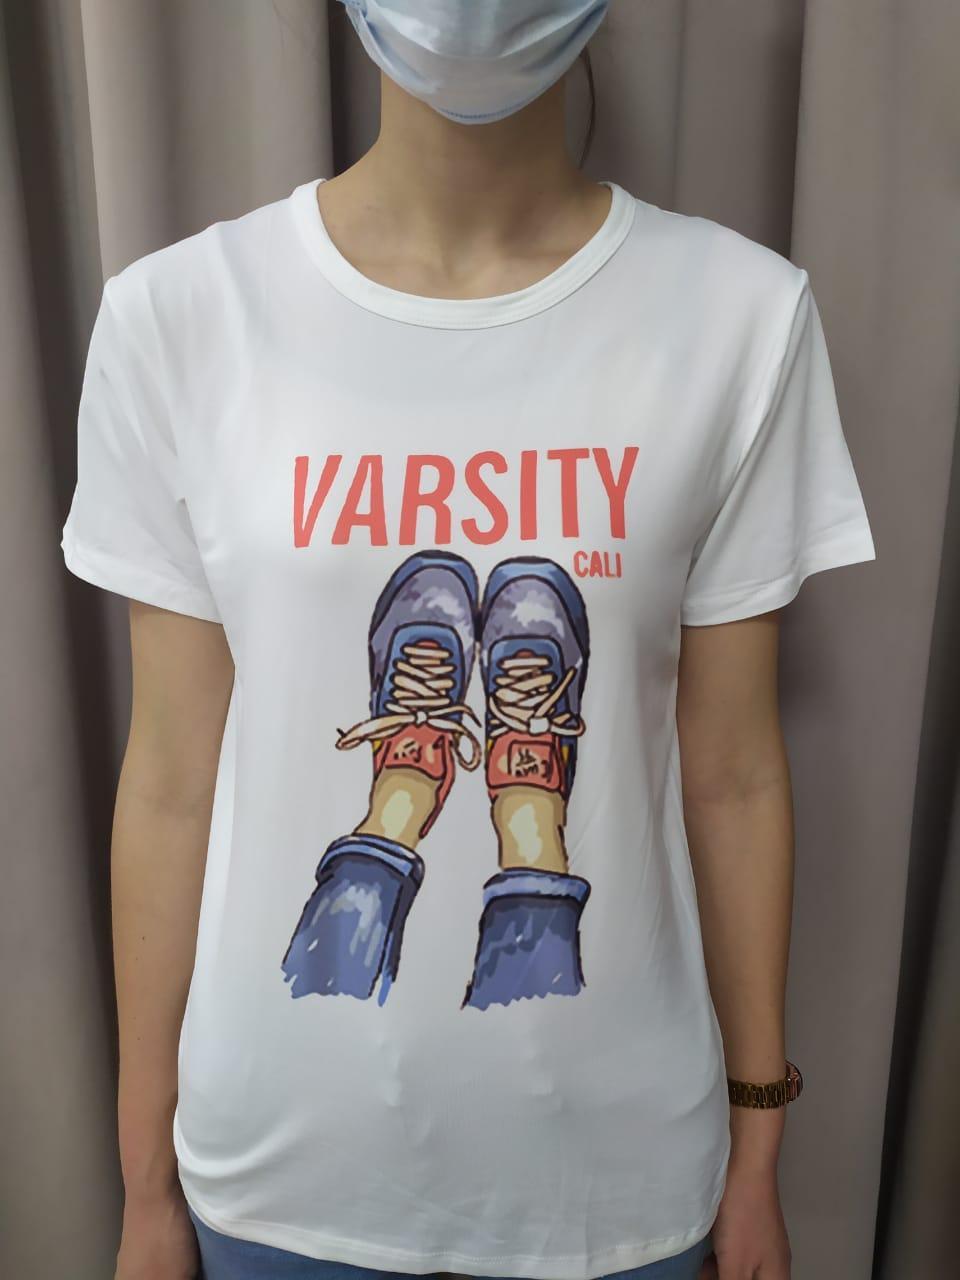 Женская футболка varsity